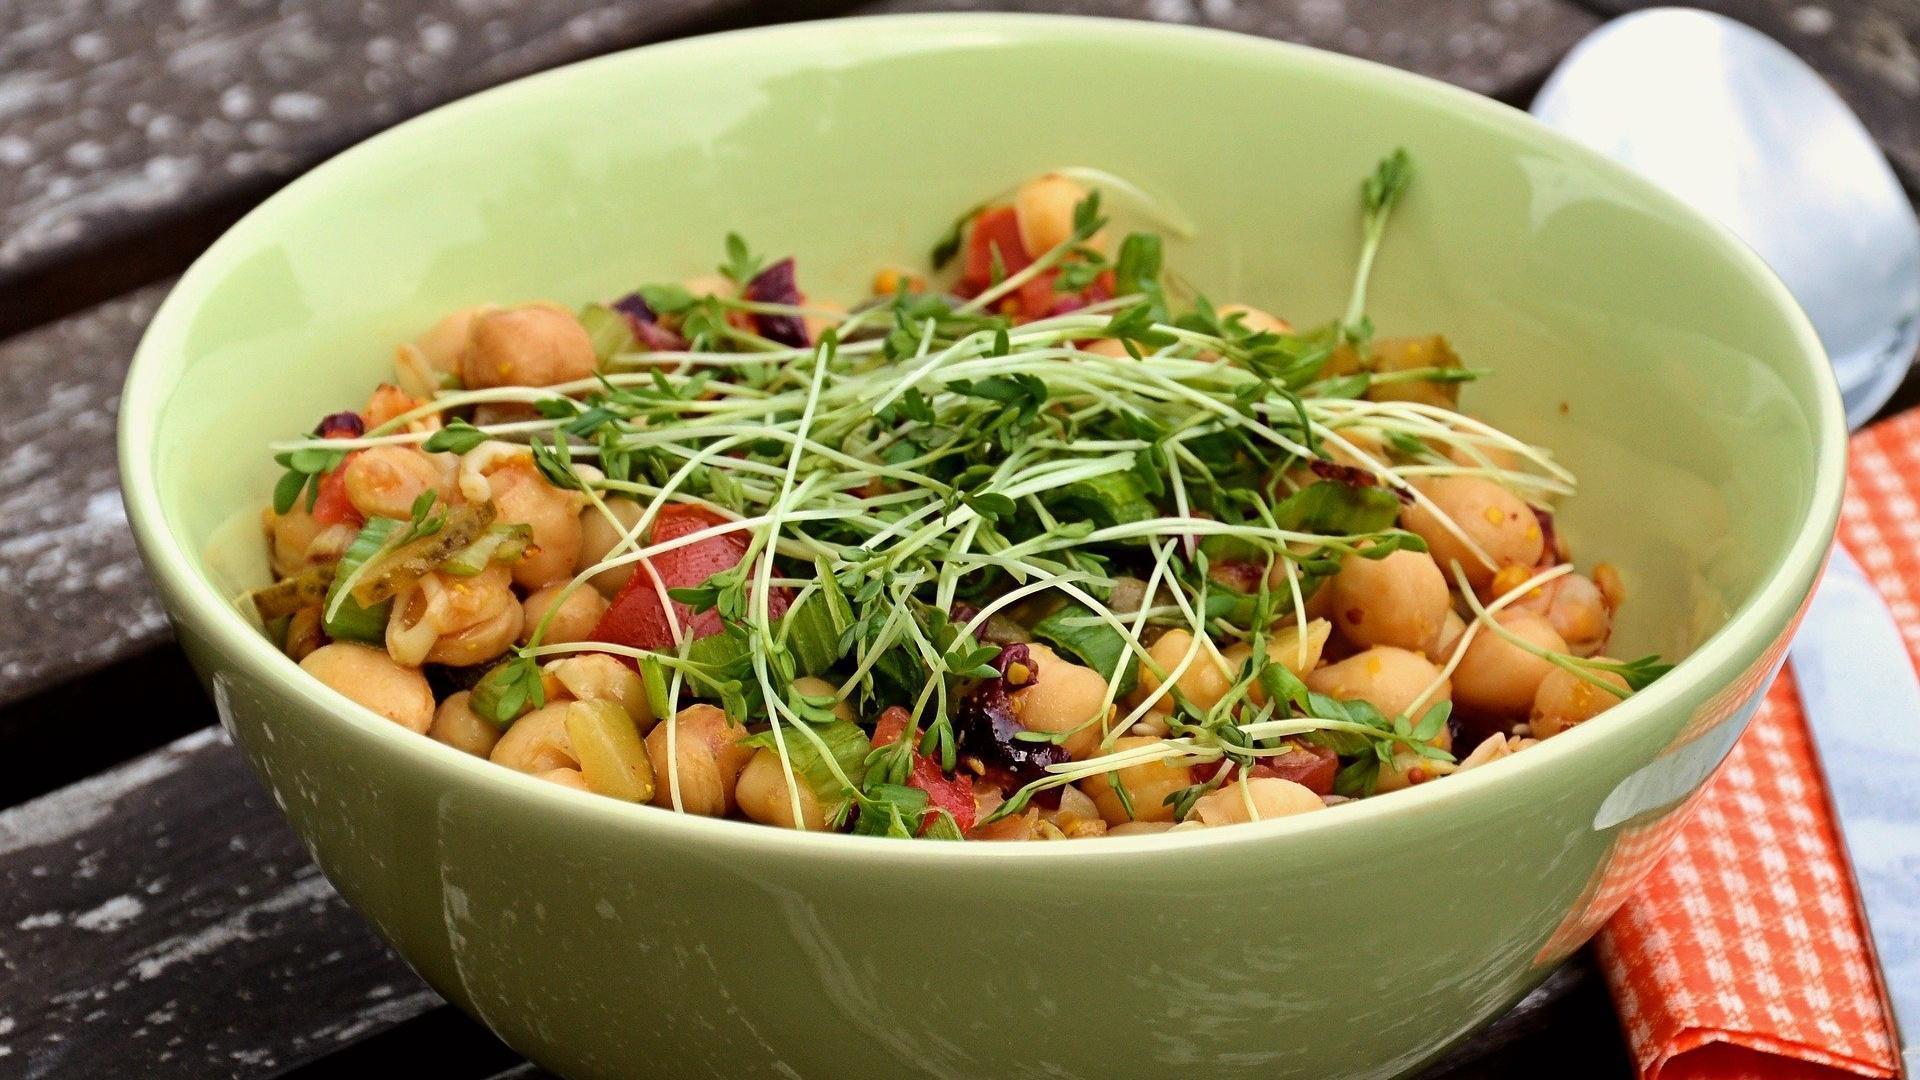 Kresse findet in der Küche vielseitige Verwendung. Das beliebte Würzkraut verleiht Suppen oder Salaten eine herzhafte Note. Allerdings sollte es nur darüber gestreut und nicht mitgekocht werden. So bleiben die gesunden Inhaltsstoffe erhalten.